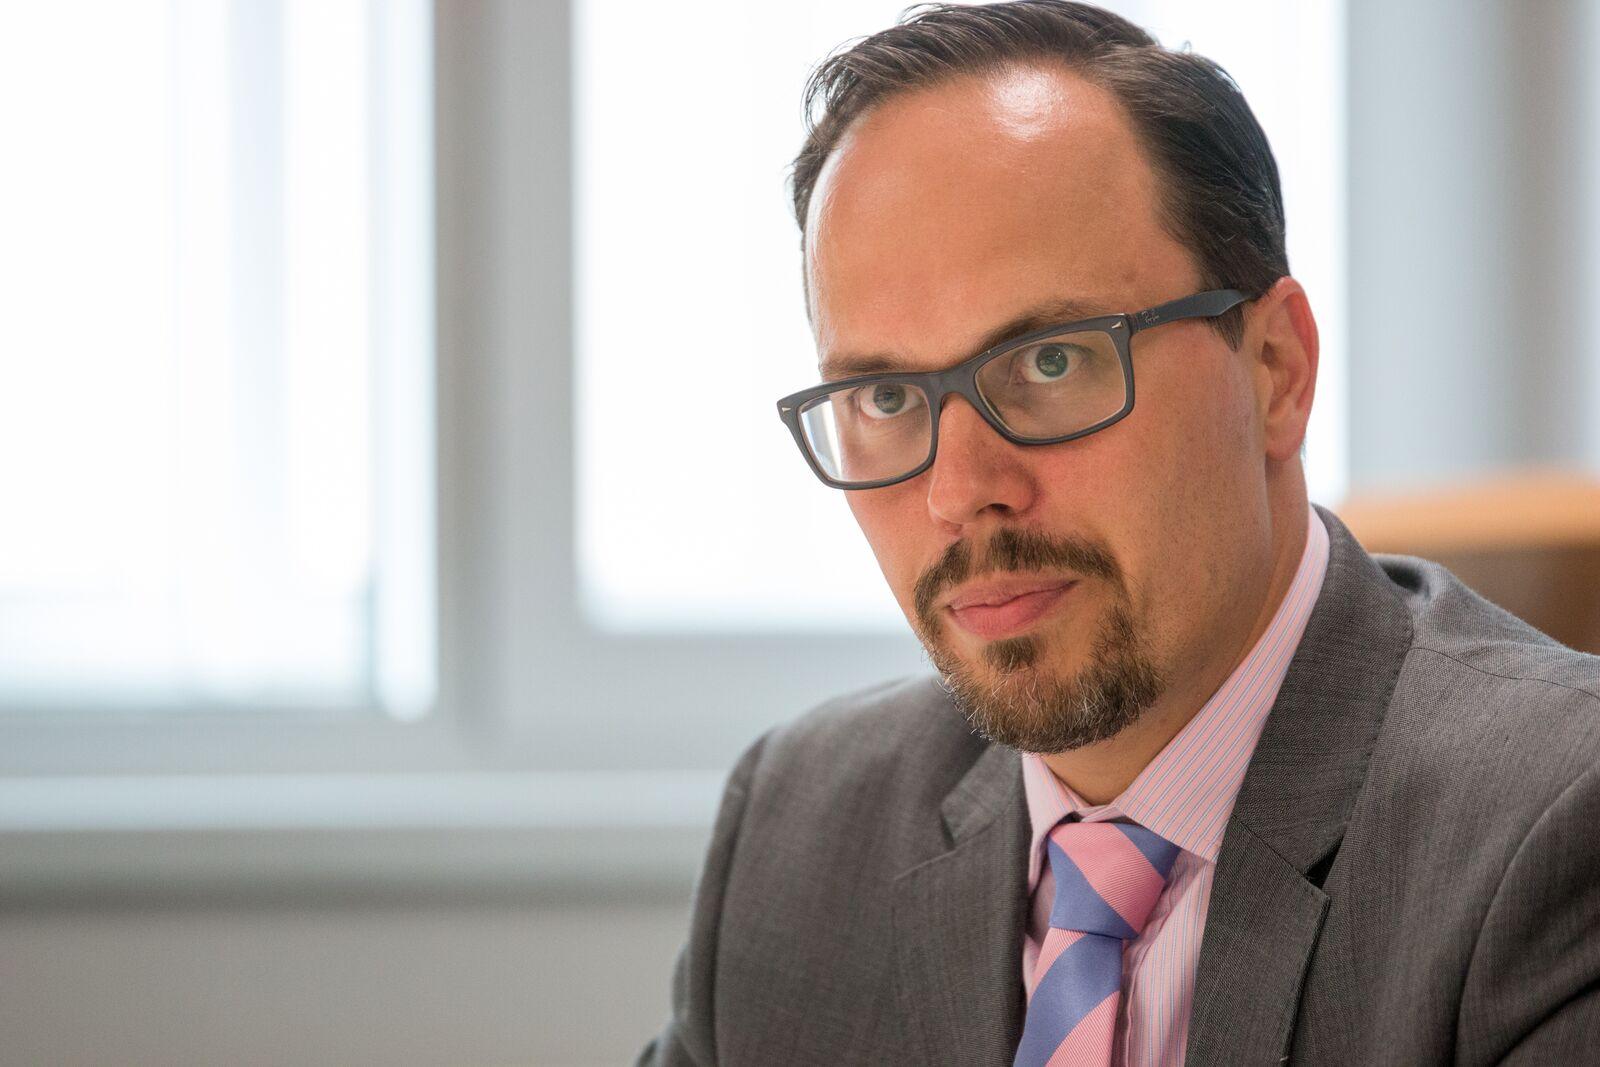 Panter: Jetzt Sachsens Finanzpolitik neu justieren